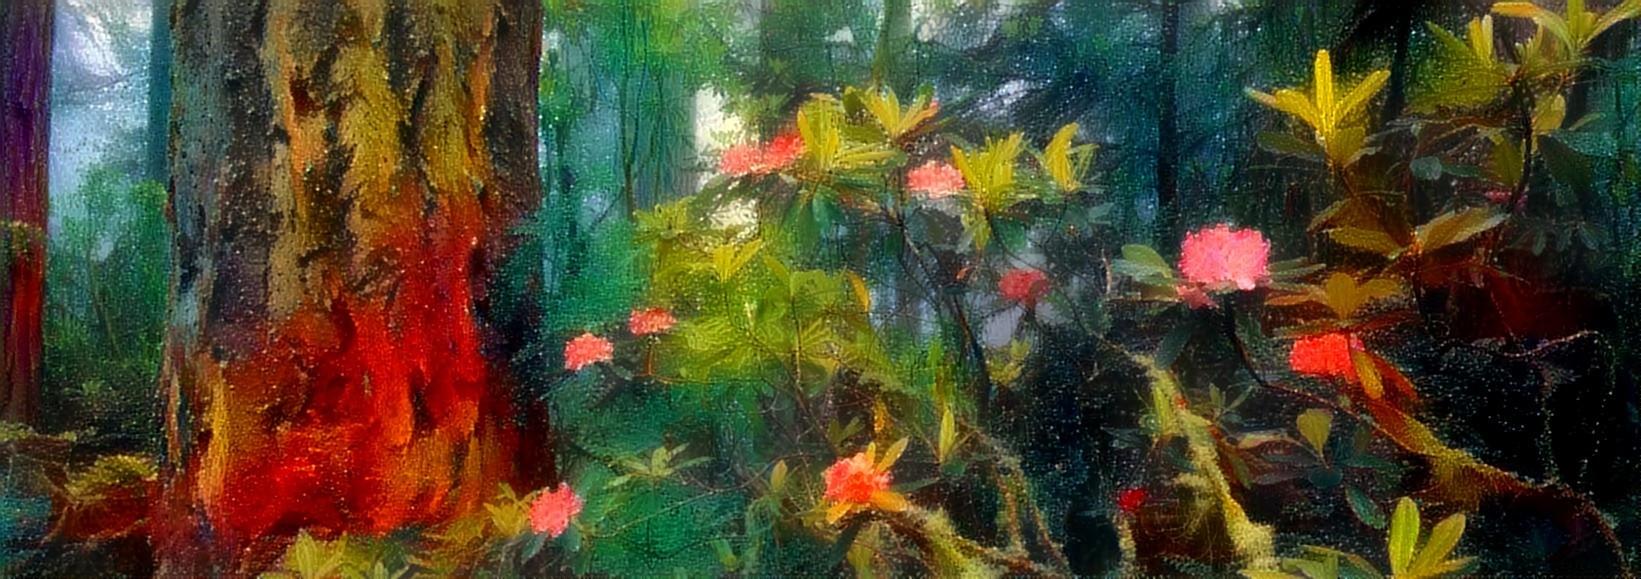 1999.10. 숲속에 핀 꽃들.jpg